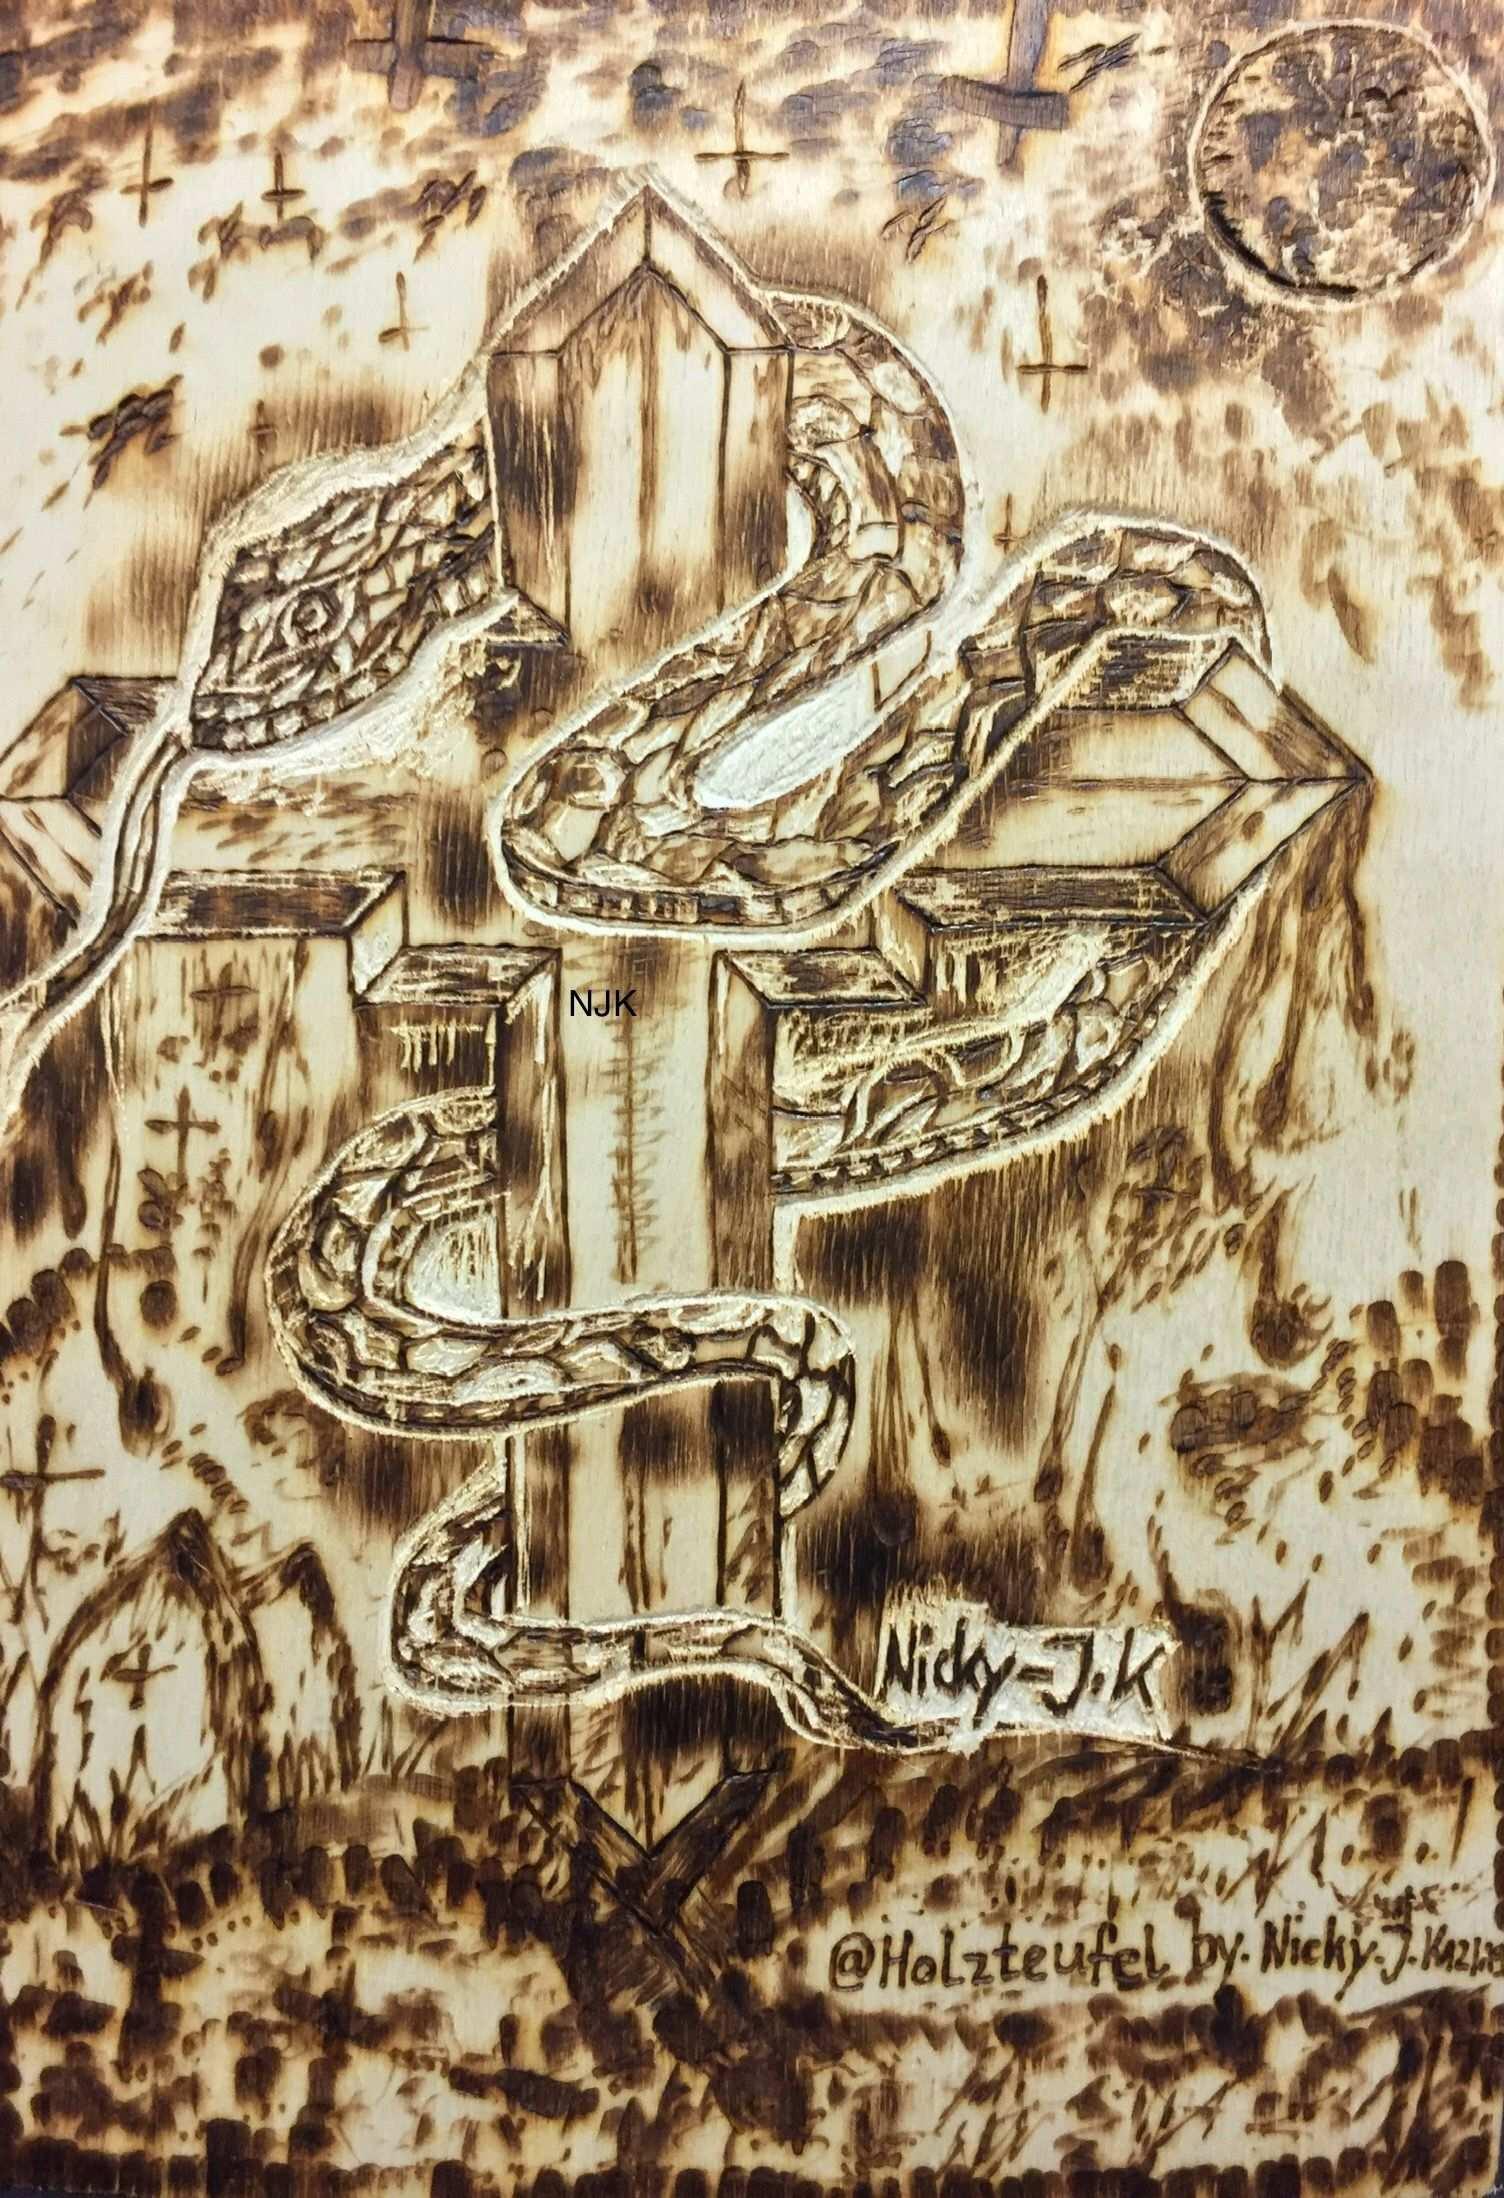 Kreuz Schlange Mond Brandmalerei Nicky Holzteufel By N J K Zeichnung Bild Holz 3d Frasen Holzschnitzkunst Bild Auf Holz Malerei